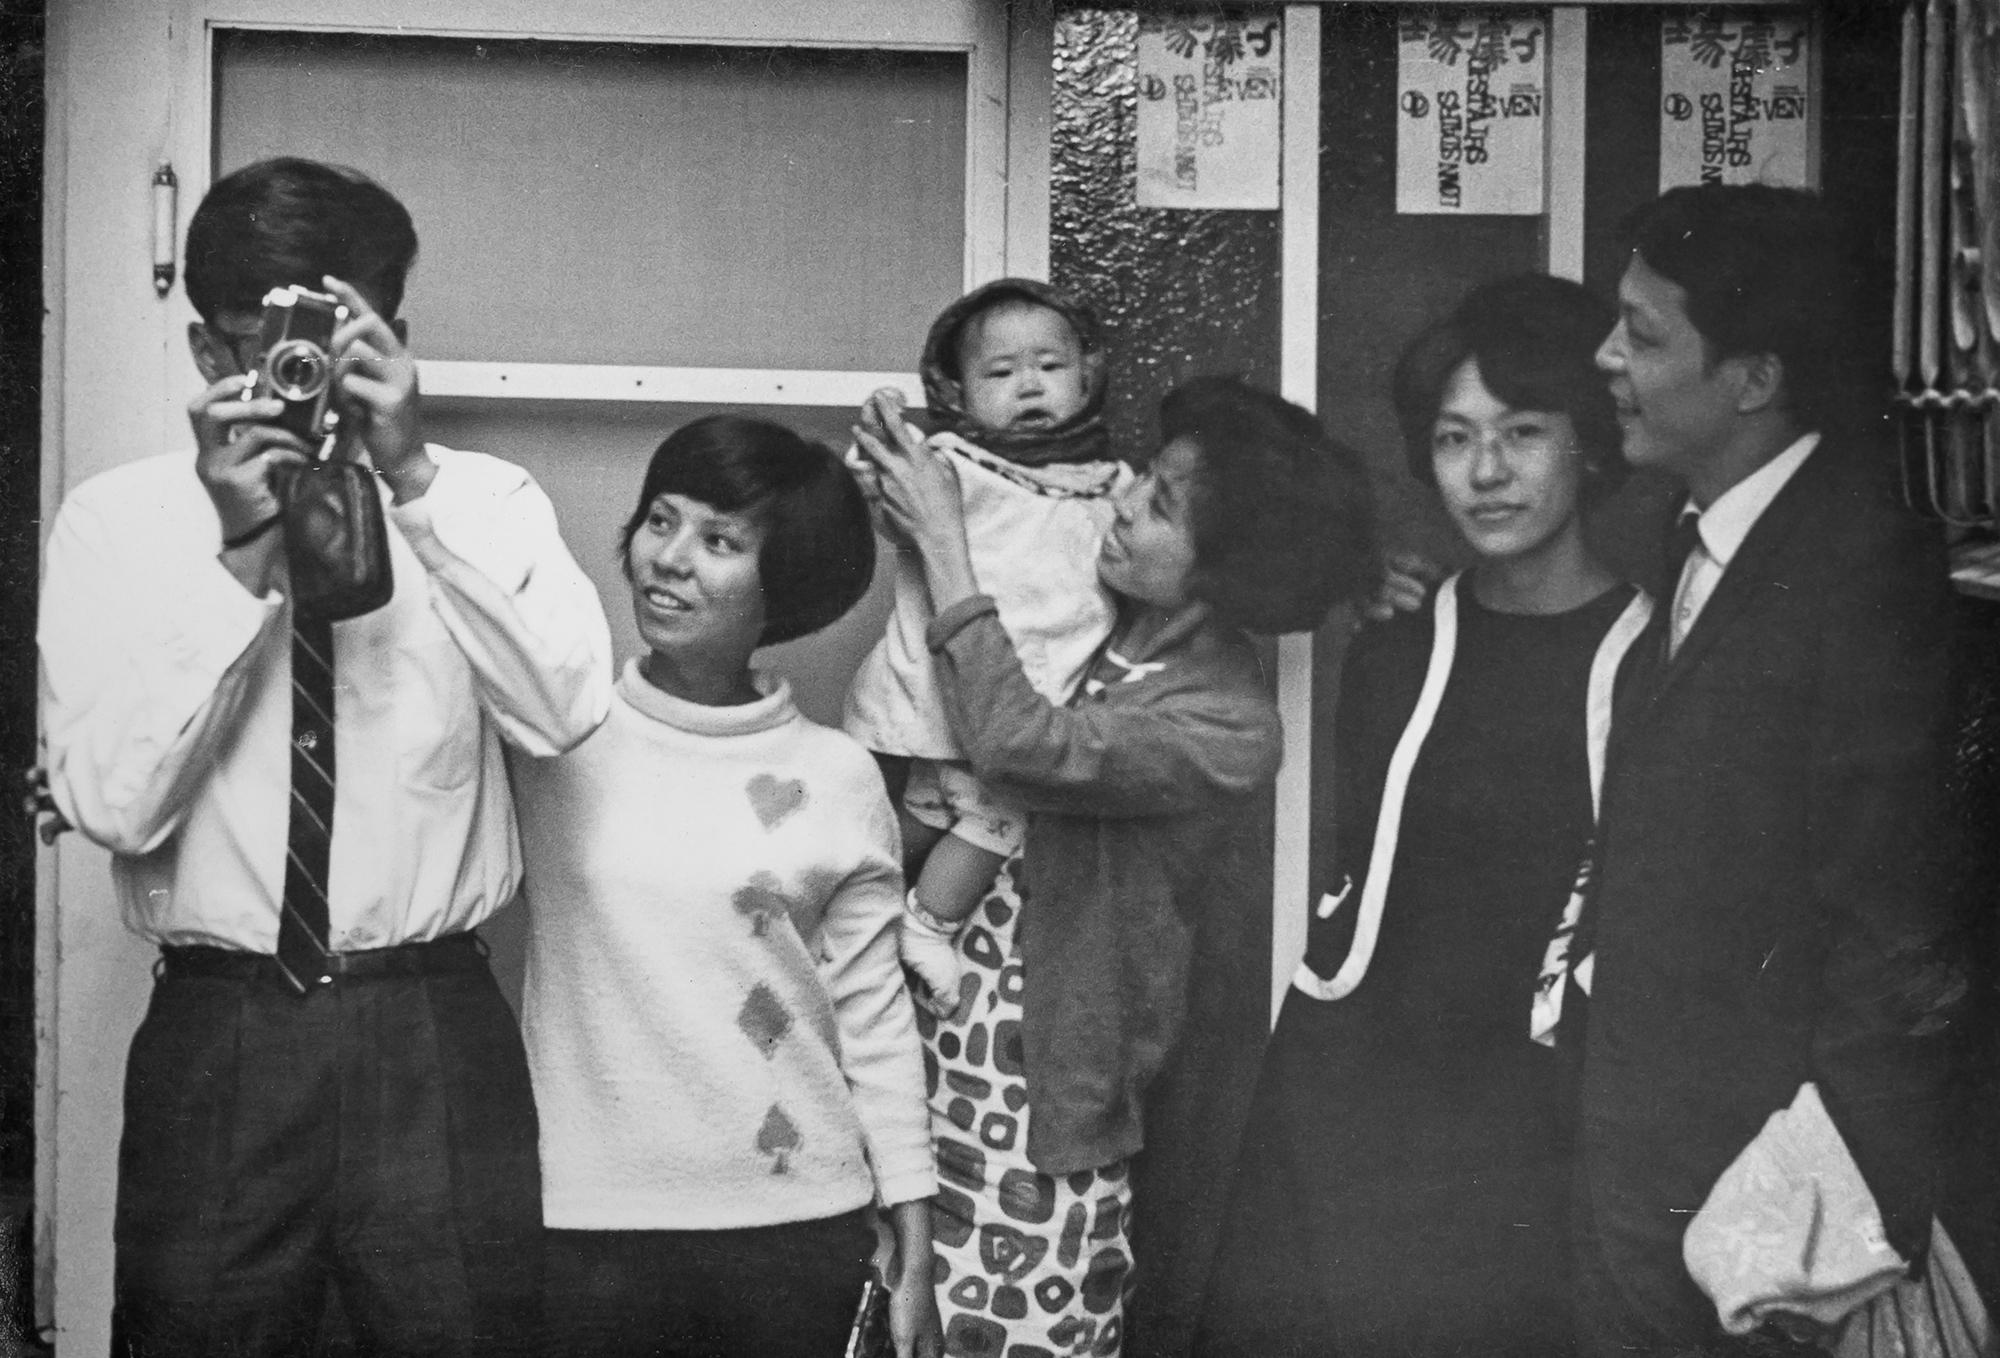 台灣紀錄片定稿-9b-1.jpg